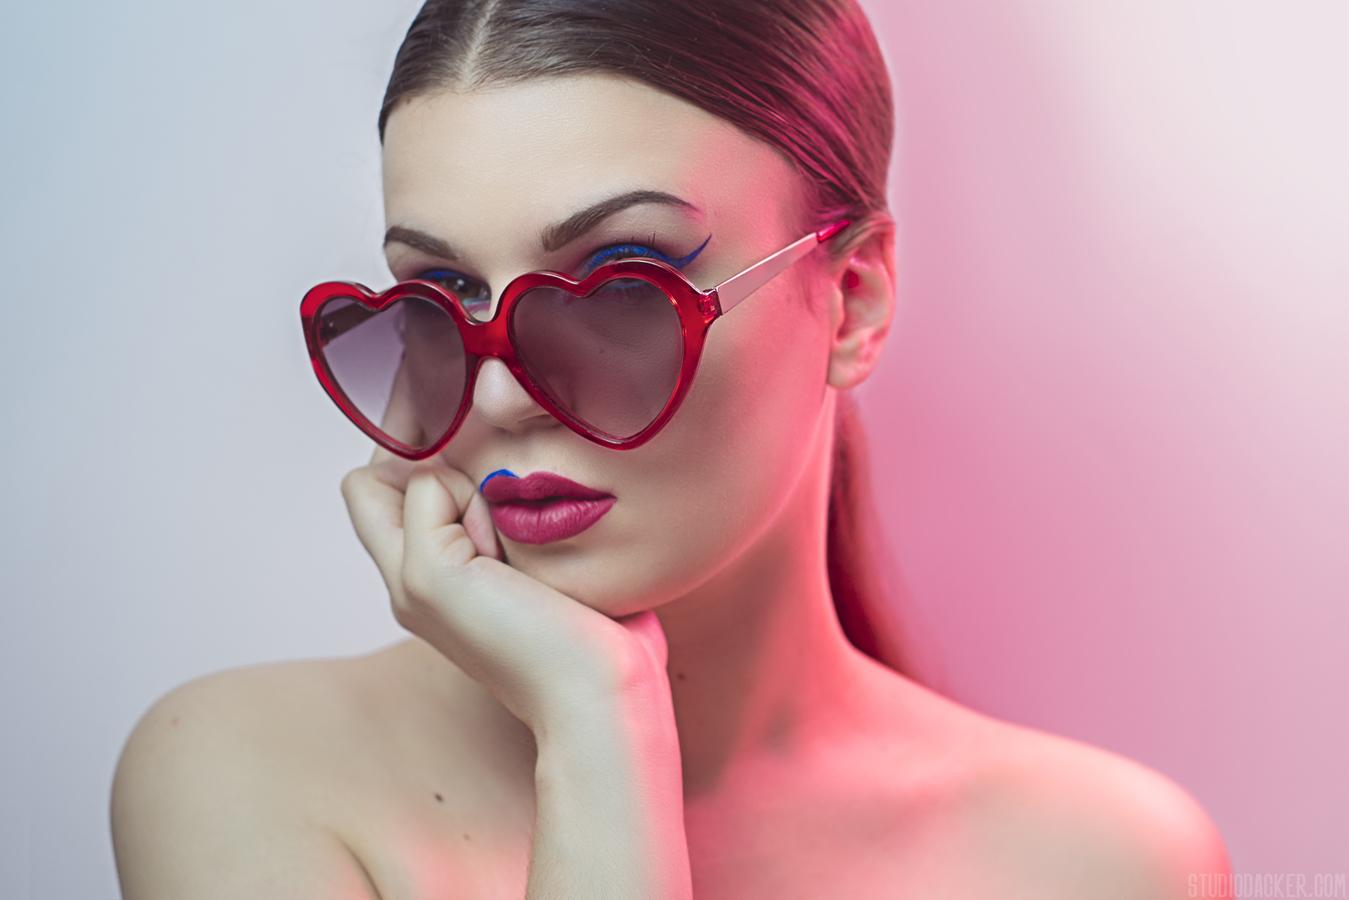 Autoportrait color block, lunette en coeur nuance de rouge rose avec sous ton bleu